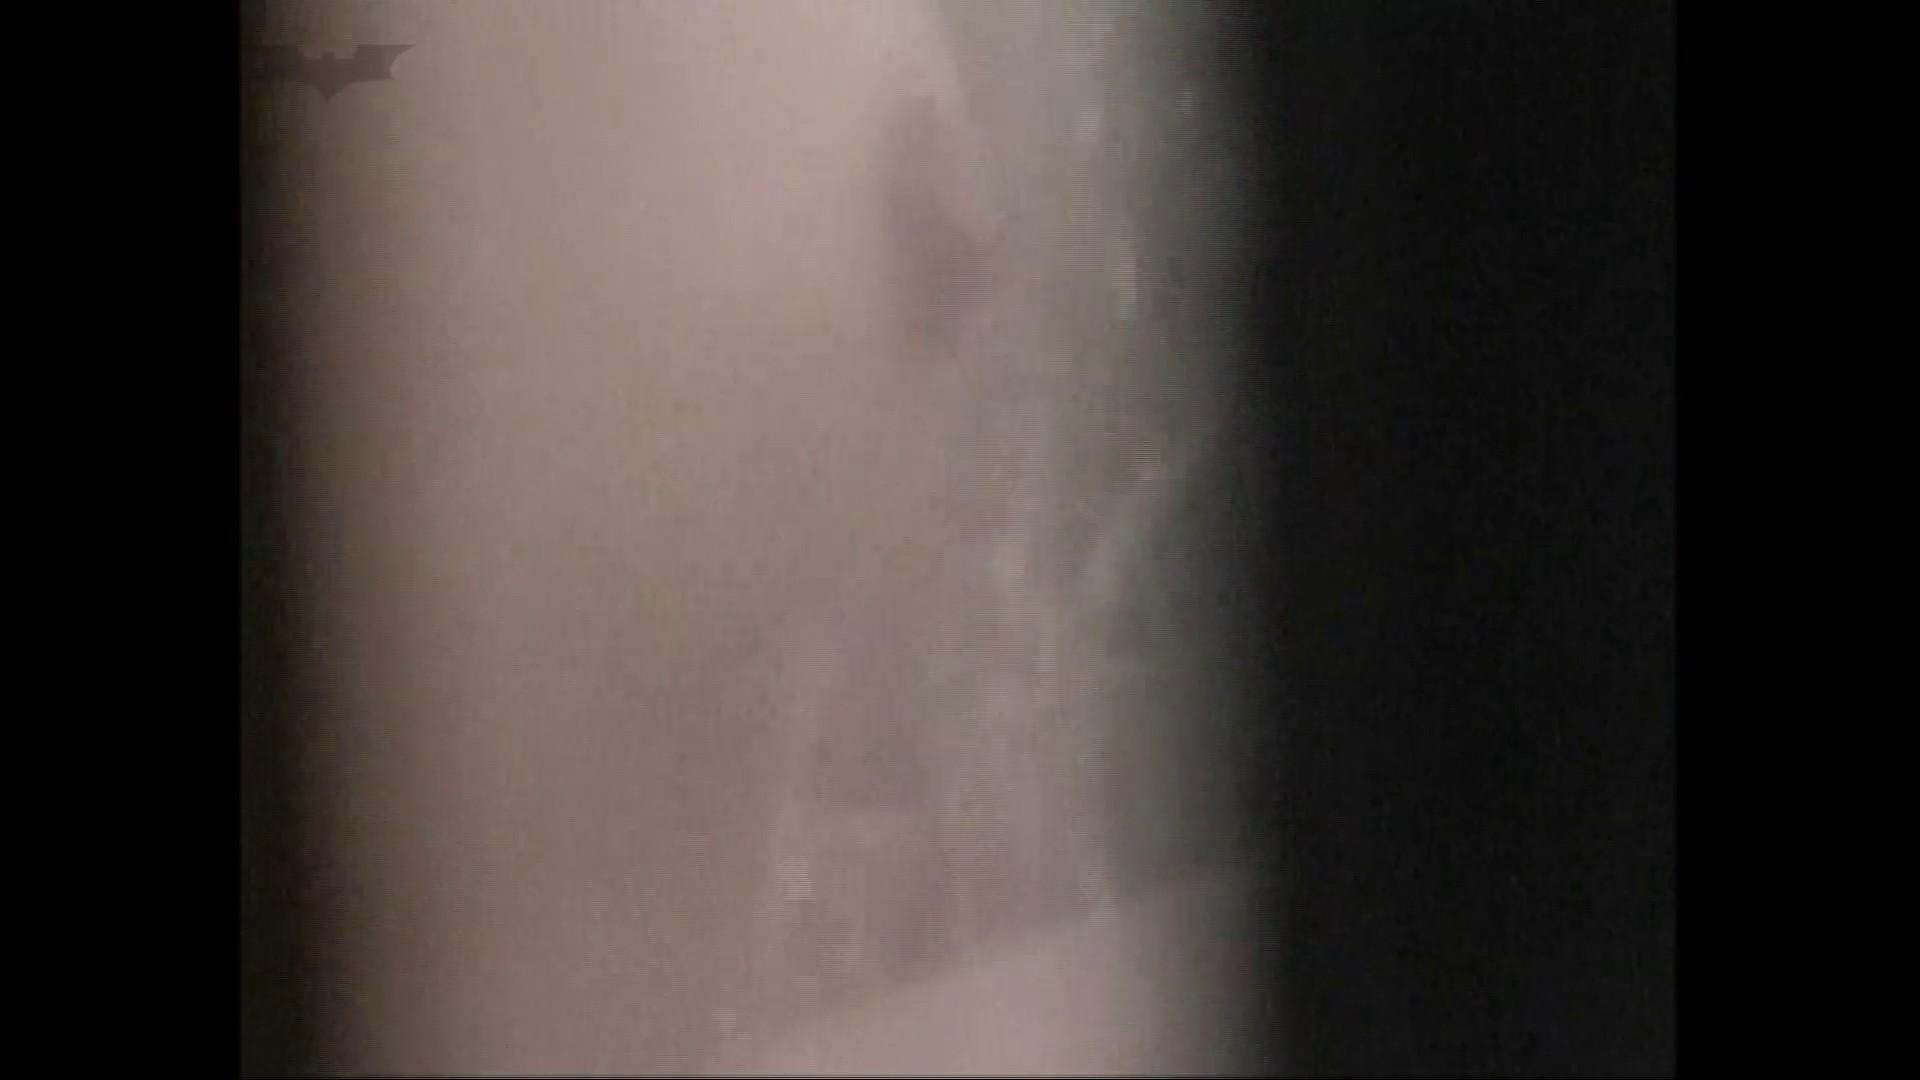 隙間からノゾク風呂 Vol.28 色白のロングヘアー美人がワシャワシャと。 OL   入浴シーン  53連発 45